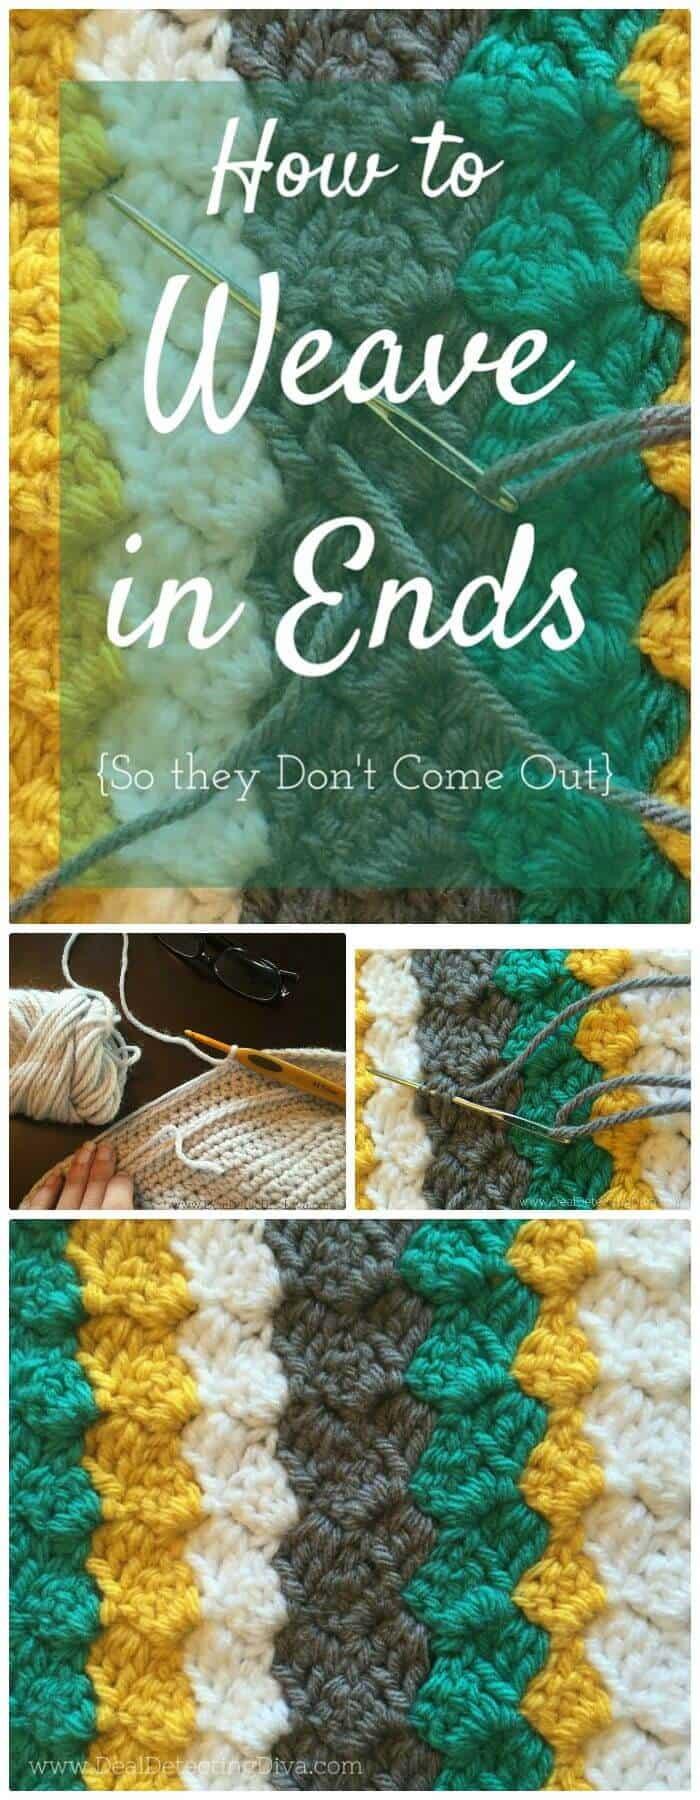 Haz tu propio tejido de bricolaje en extremos de hilo, ¡aprende crochet de esquina a esquina!